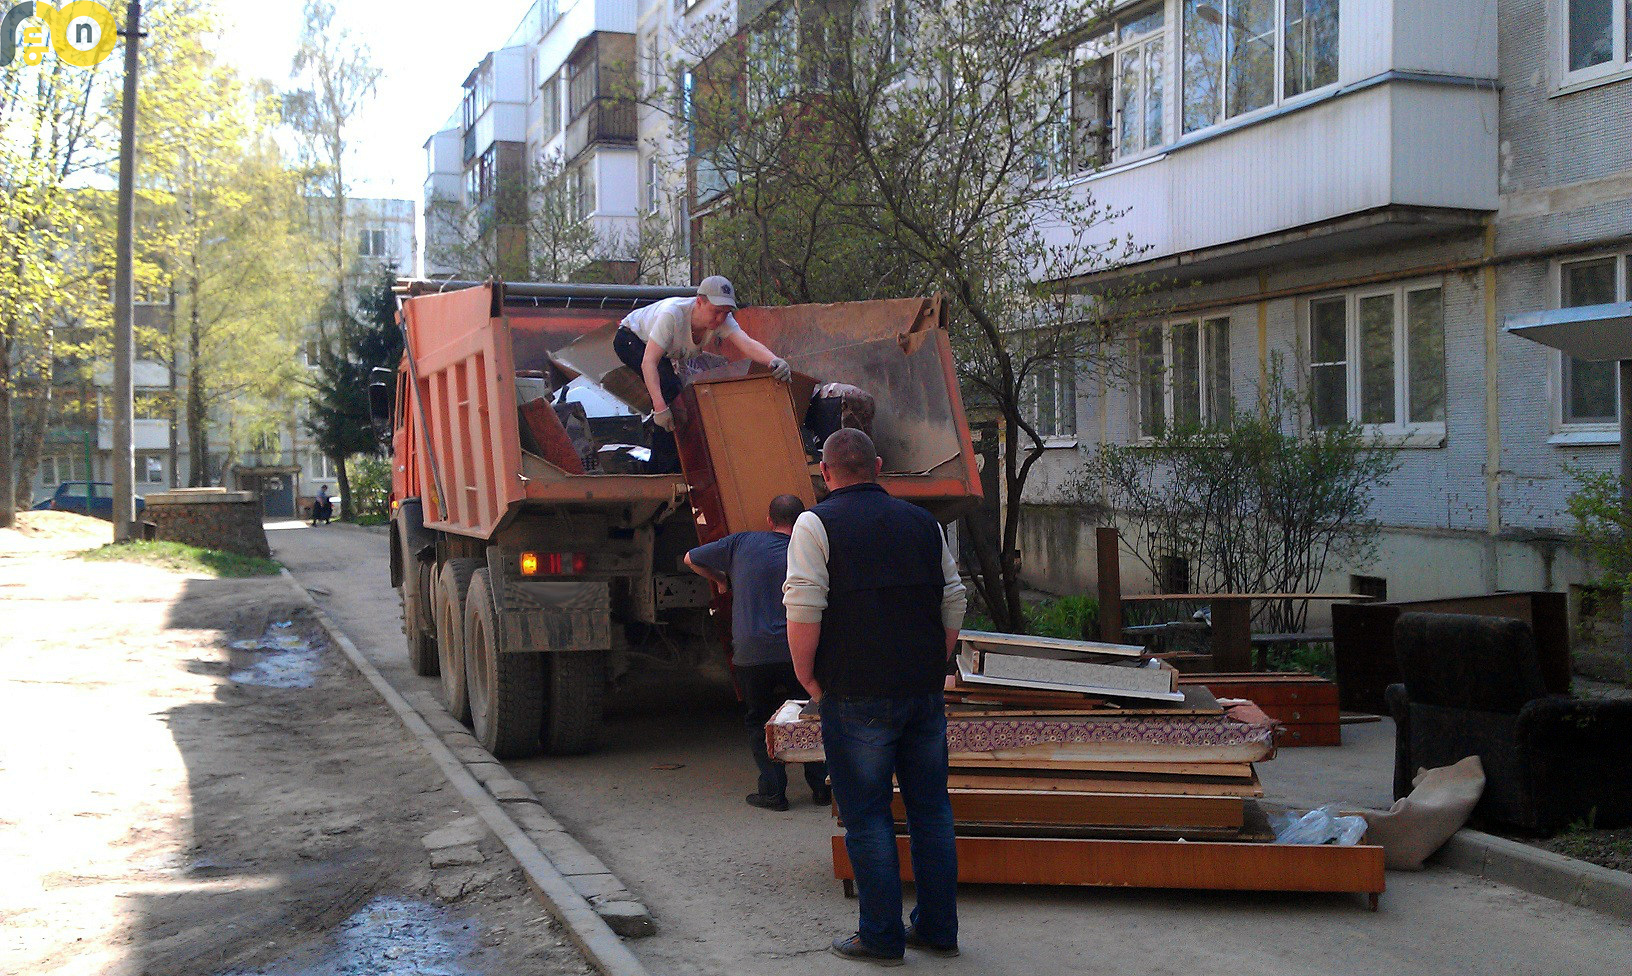 Вывоз старой мебели. Очистка квартир от хлама